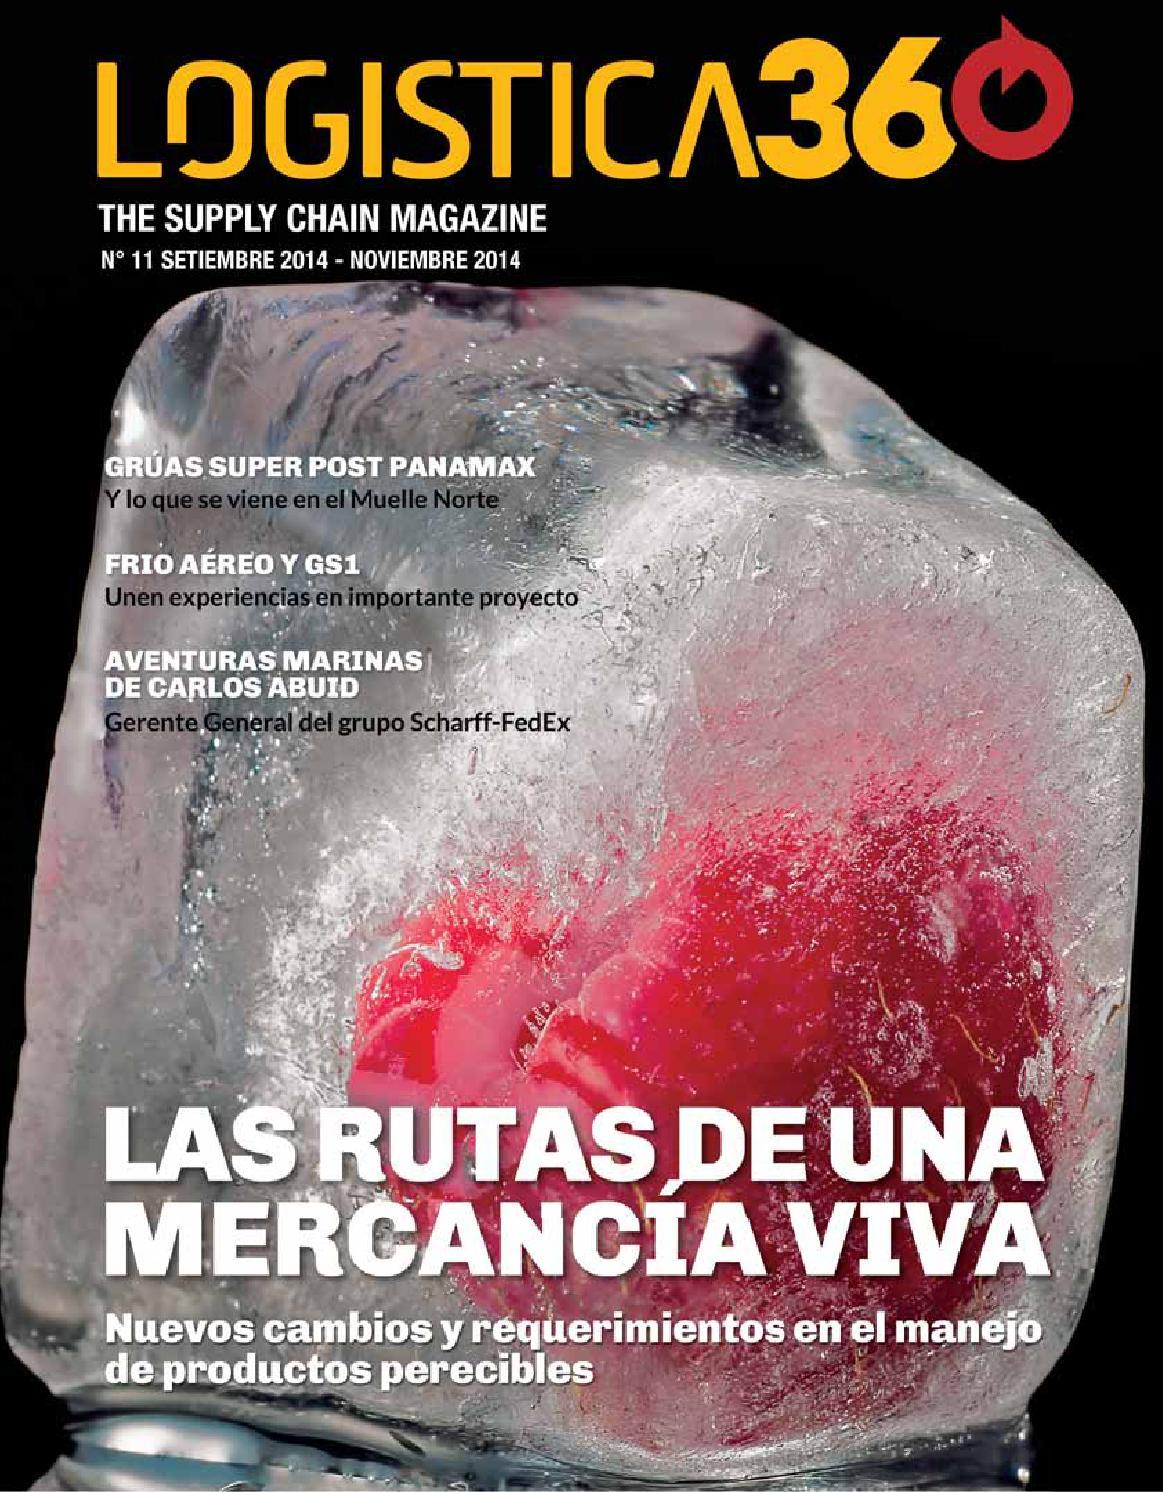 Revista Logistica360 \